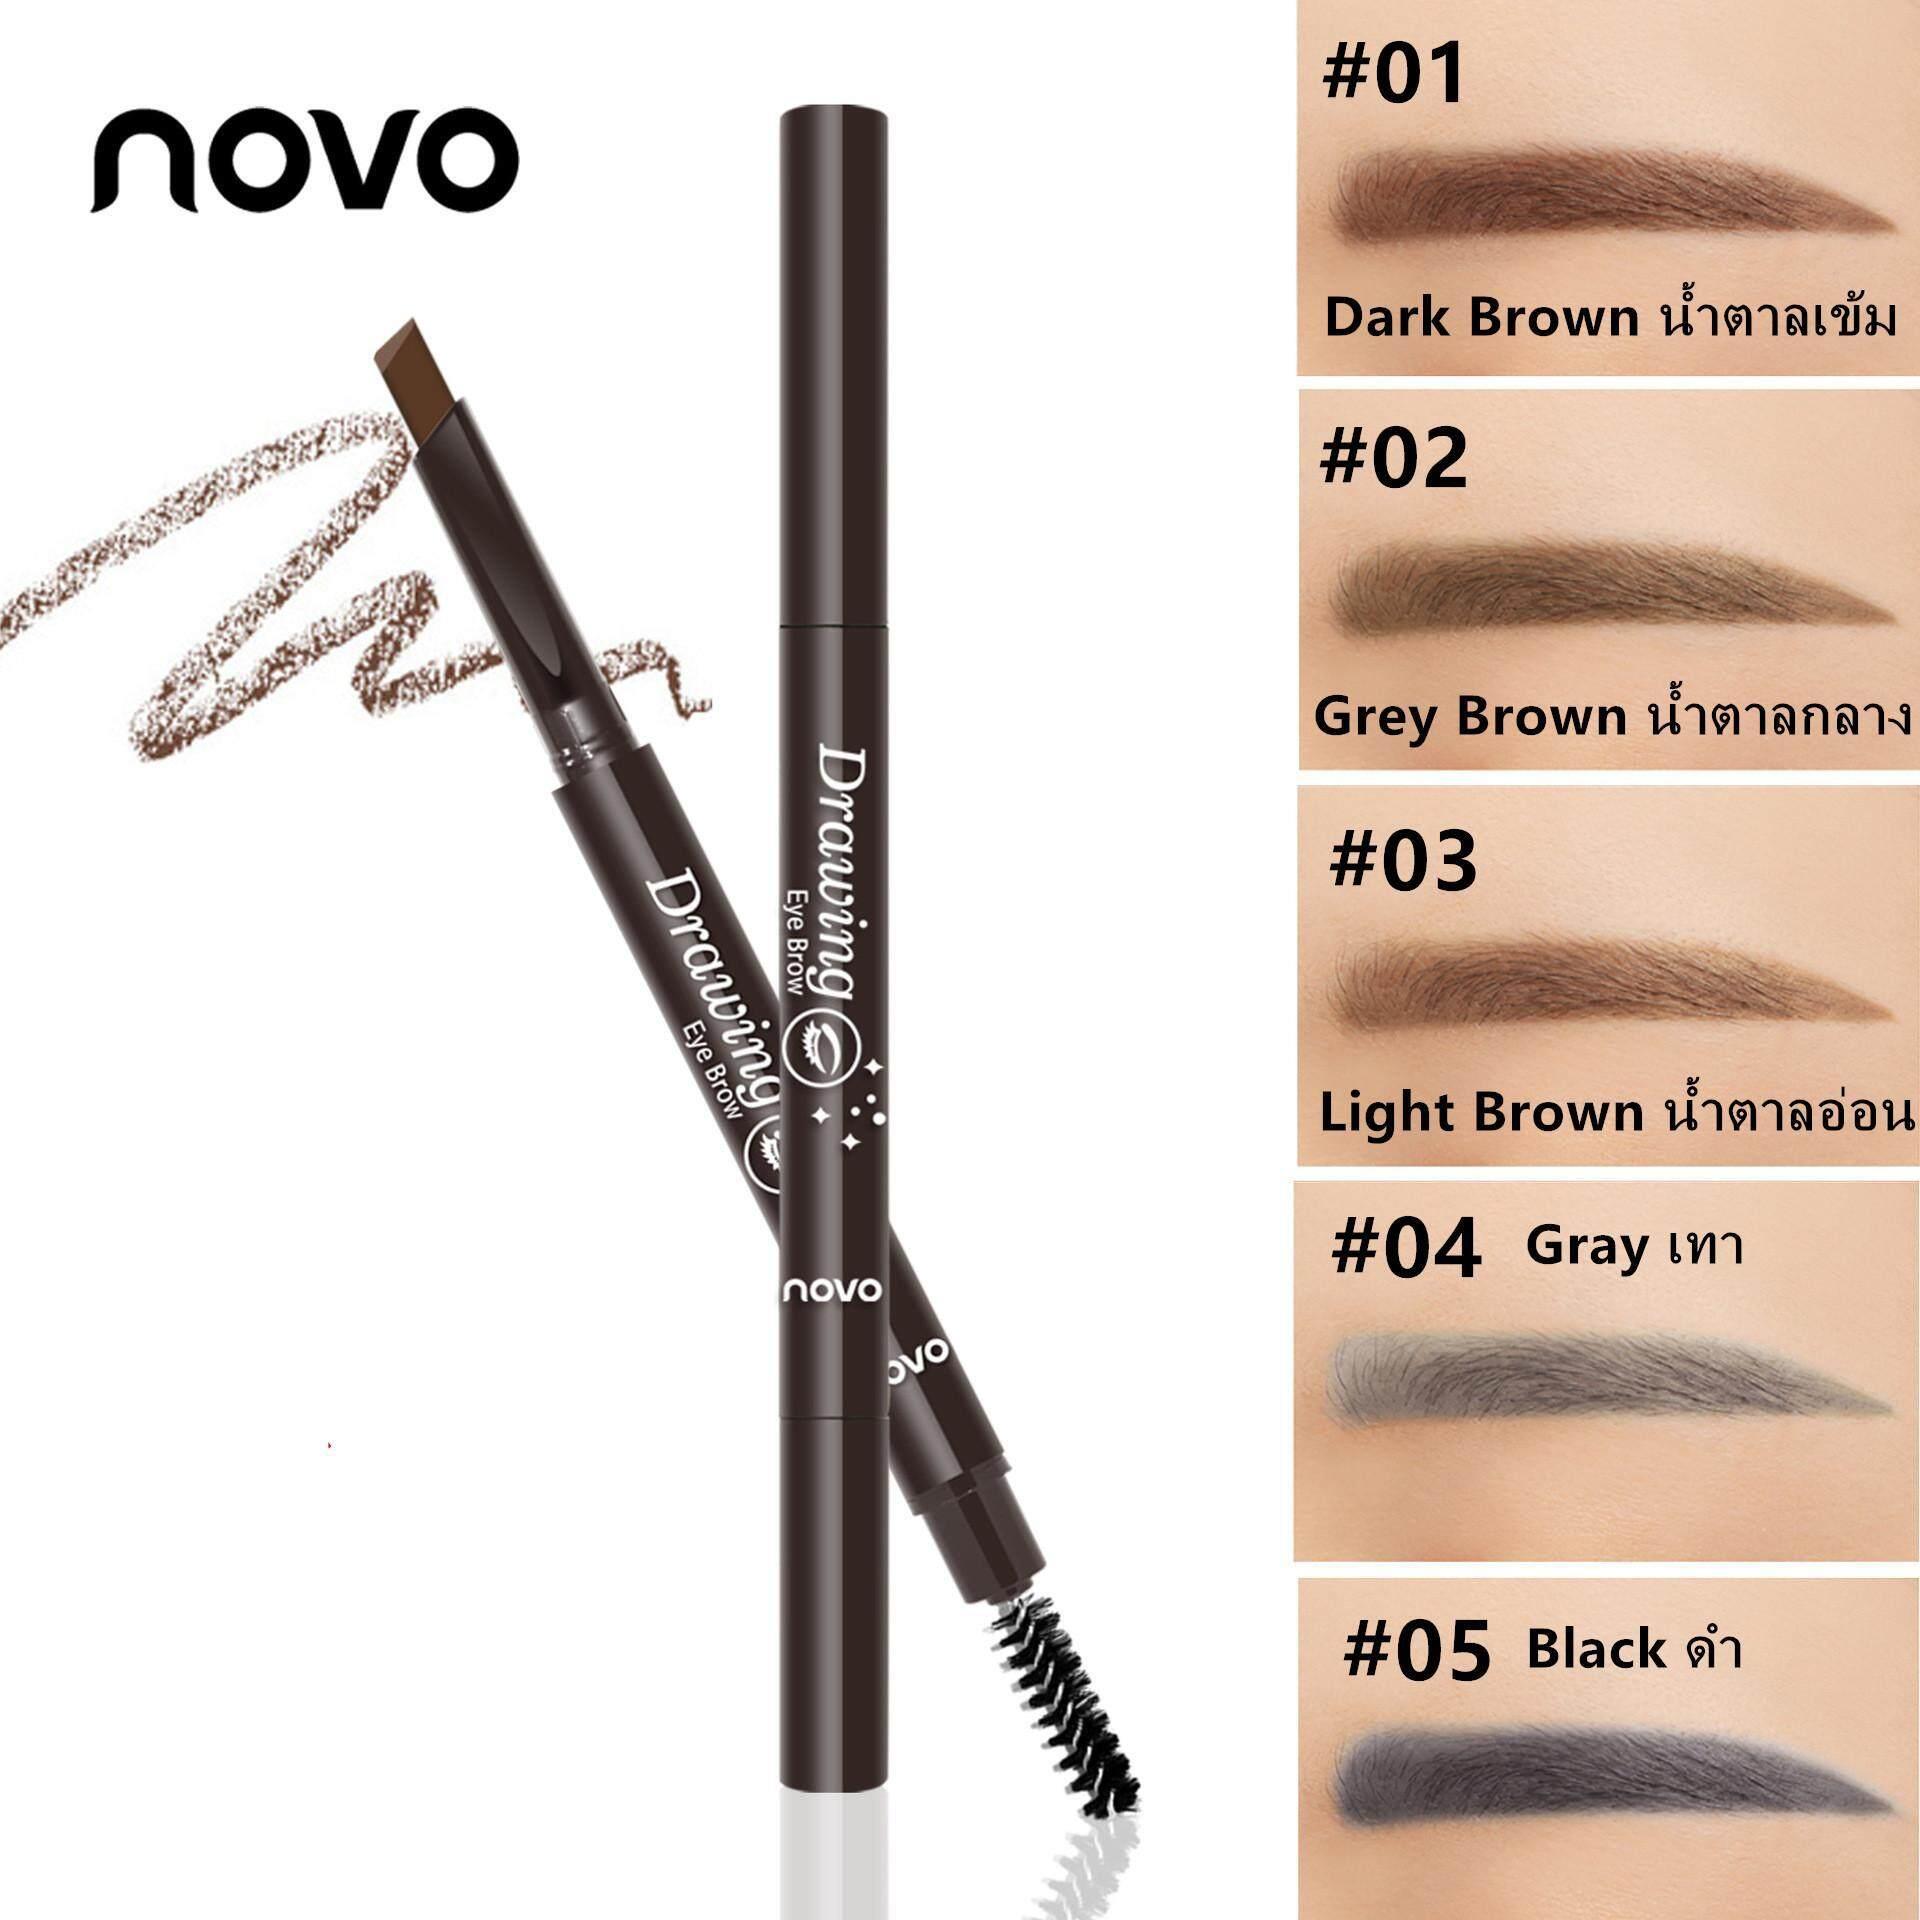 Novo Drawing Eye Brow ของแท้100% ดินสอเขียนคิ้ว เนื้อเนียนนุ่ม เขียนง่าย ติดทน กันน้ำ .